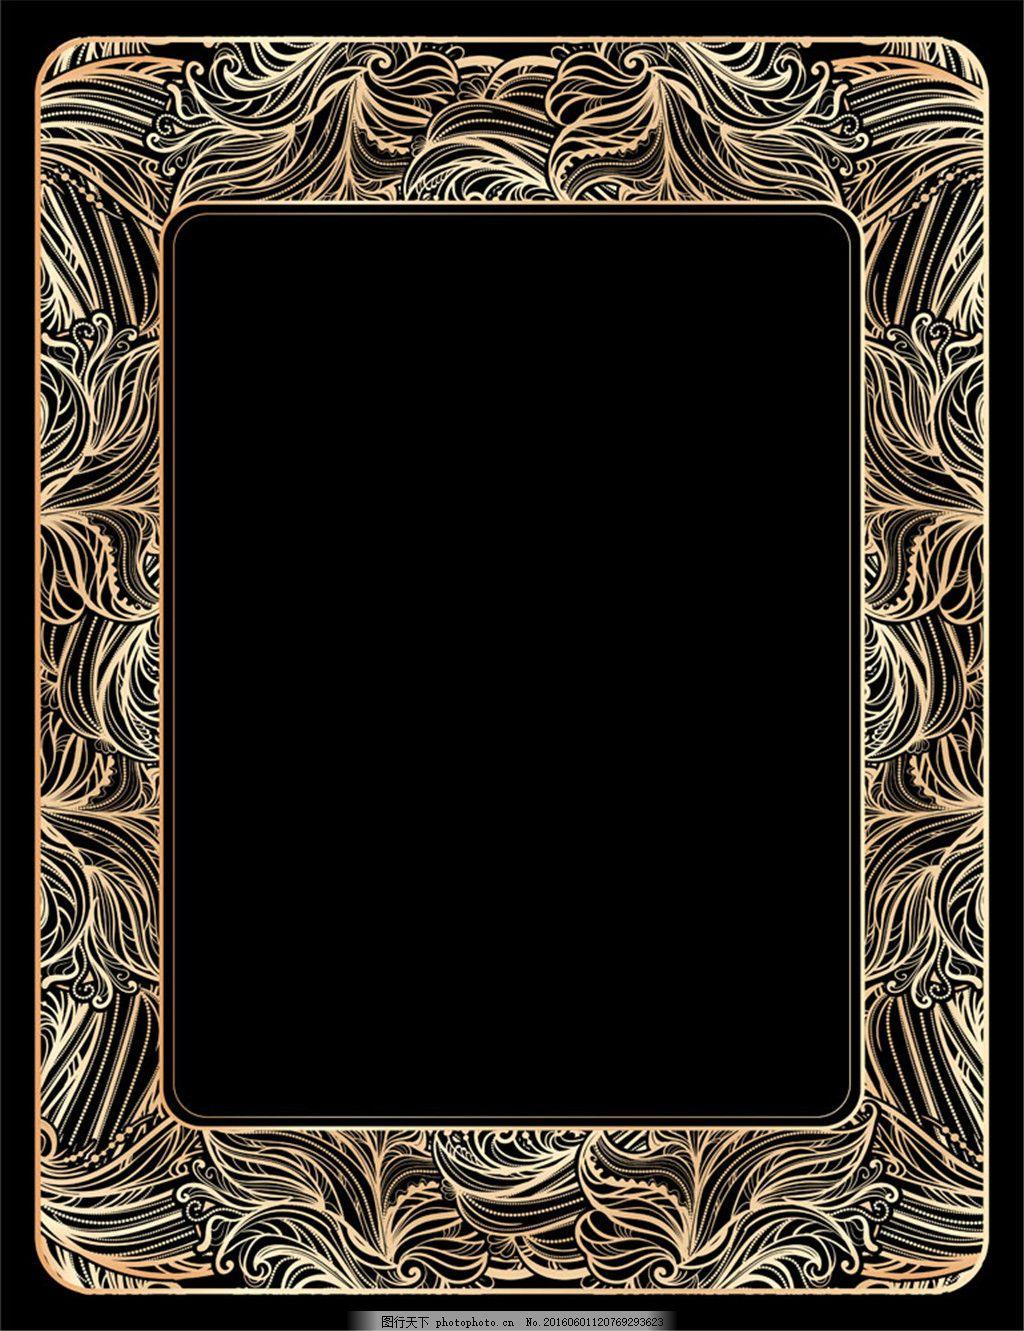 方形金色花纹相框 画框 木画框 油画框 欧式相框 金色相框 边框